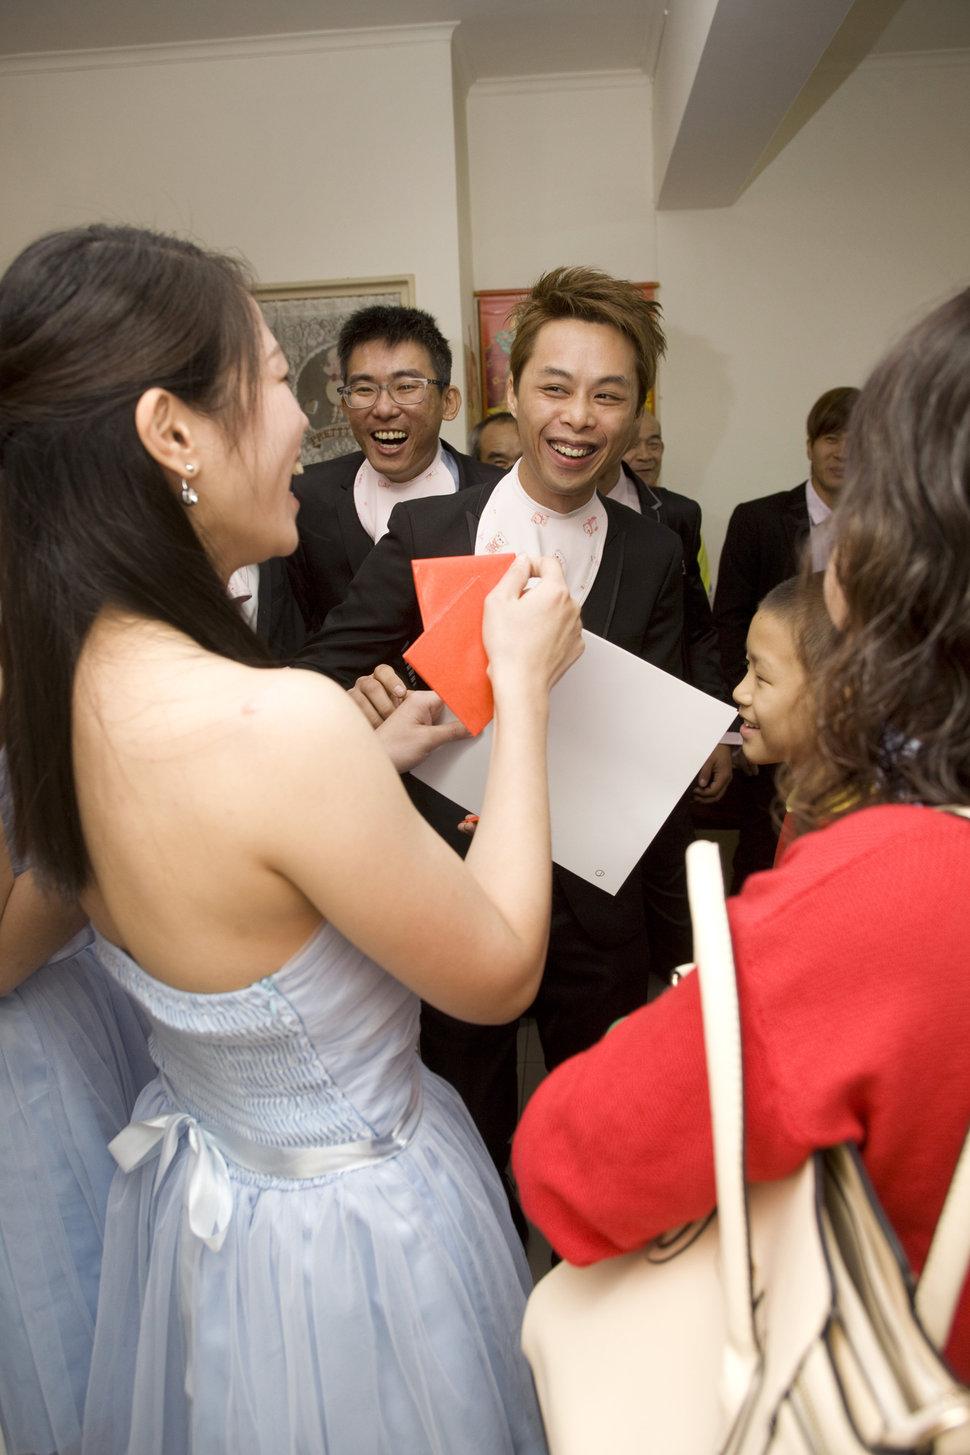 蓓麗宛婚禮時尚(編號:541456) - 蓓麗宛婚禮時尚 - 結婚吧